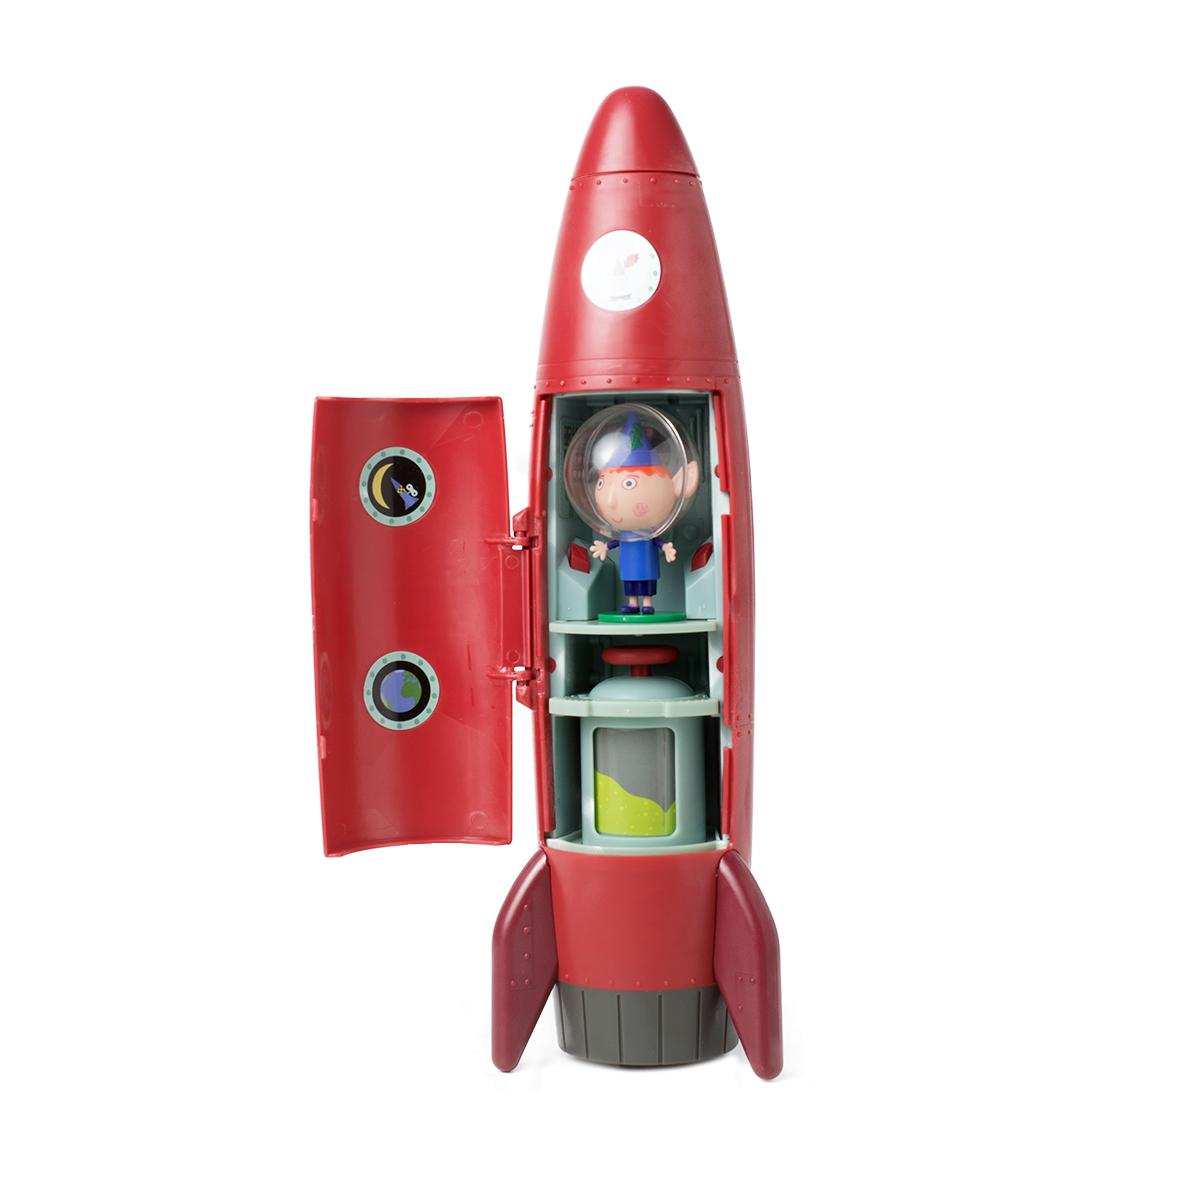 Бен и Холли Игровой набор Ракета со звуком с фигуркой Бена - Игровые наборы